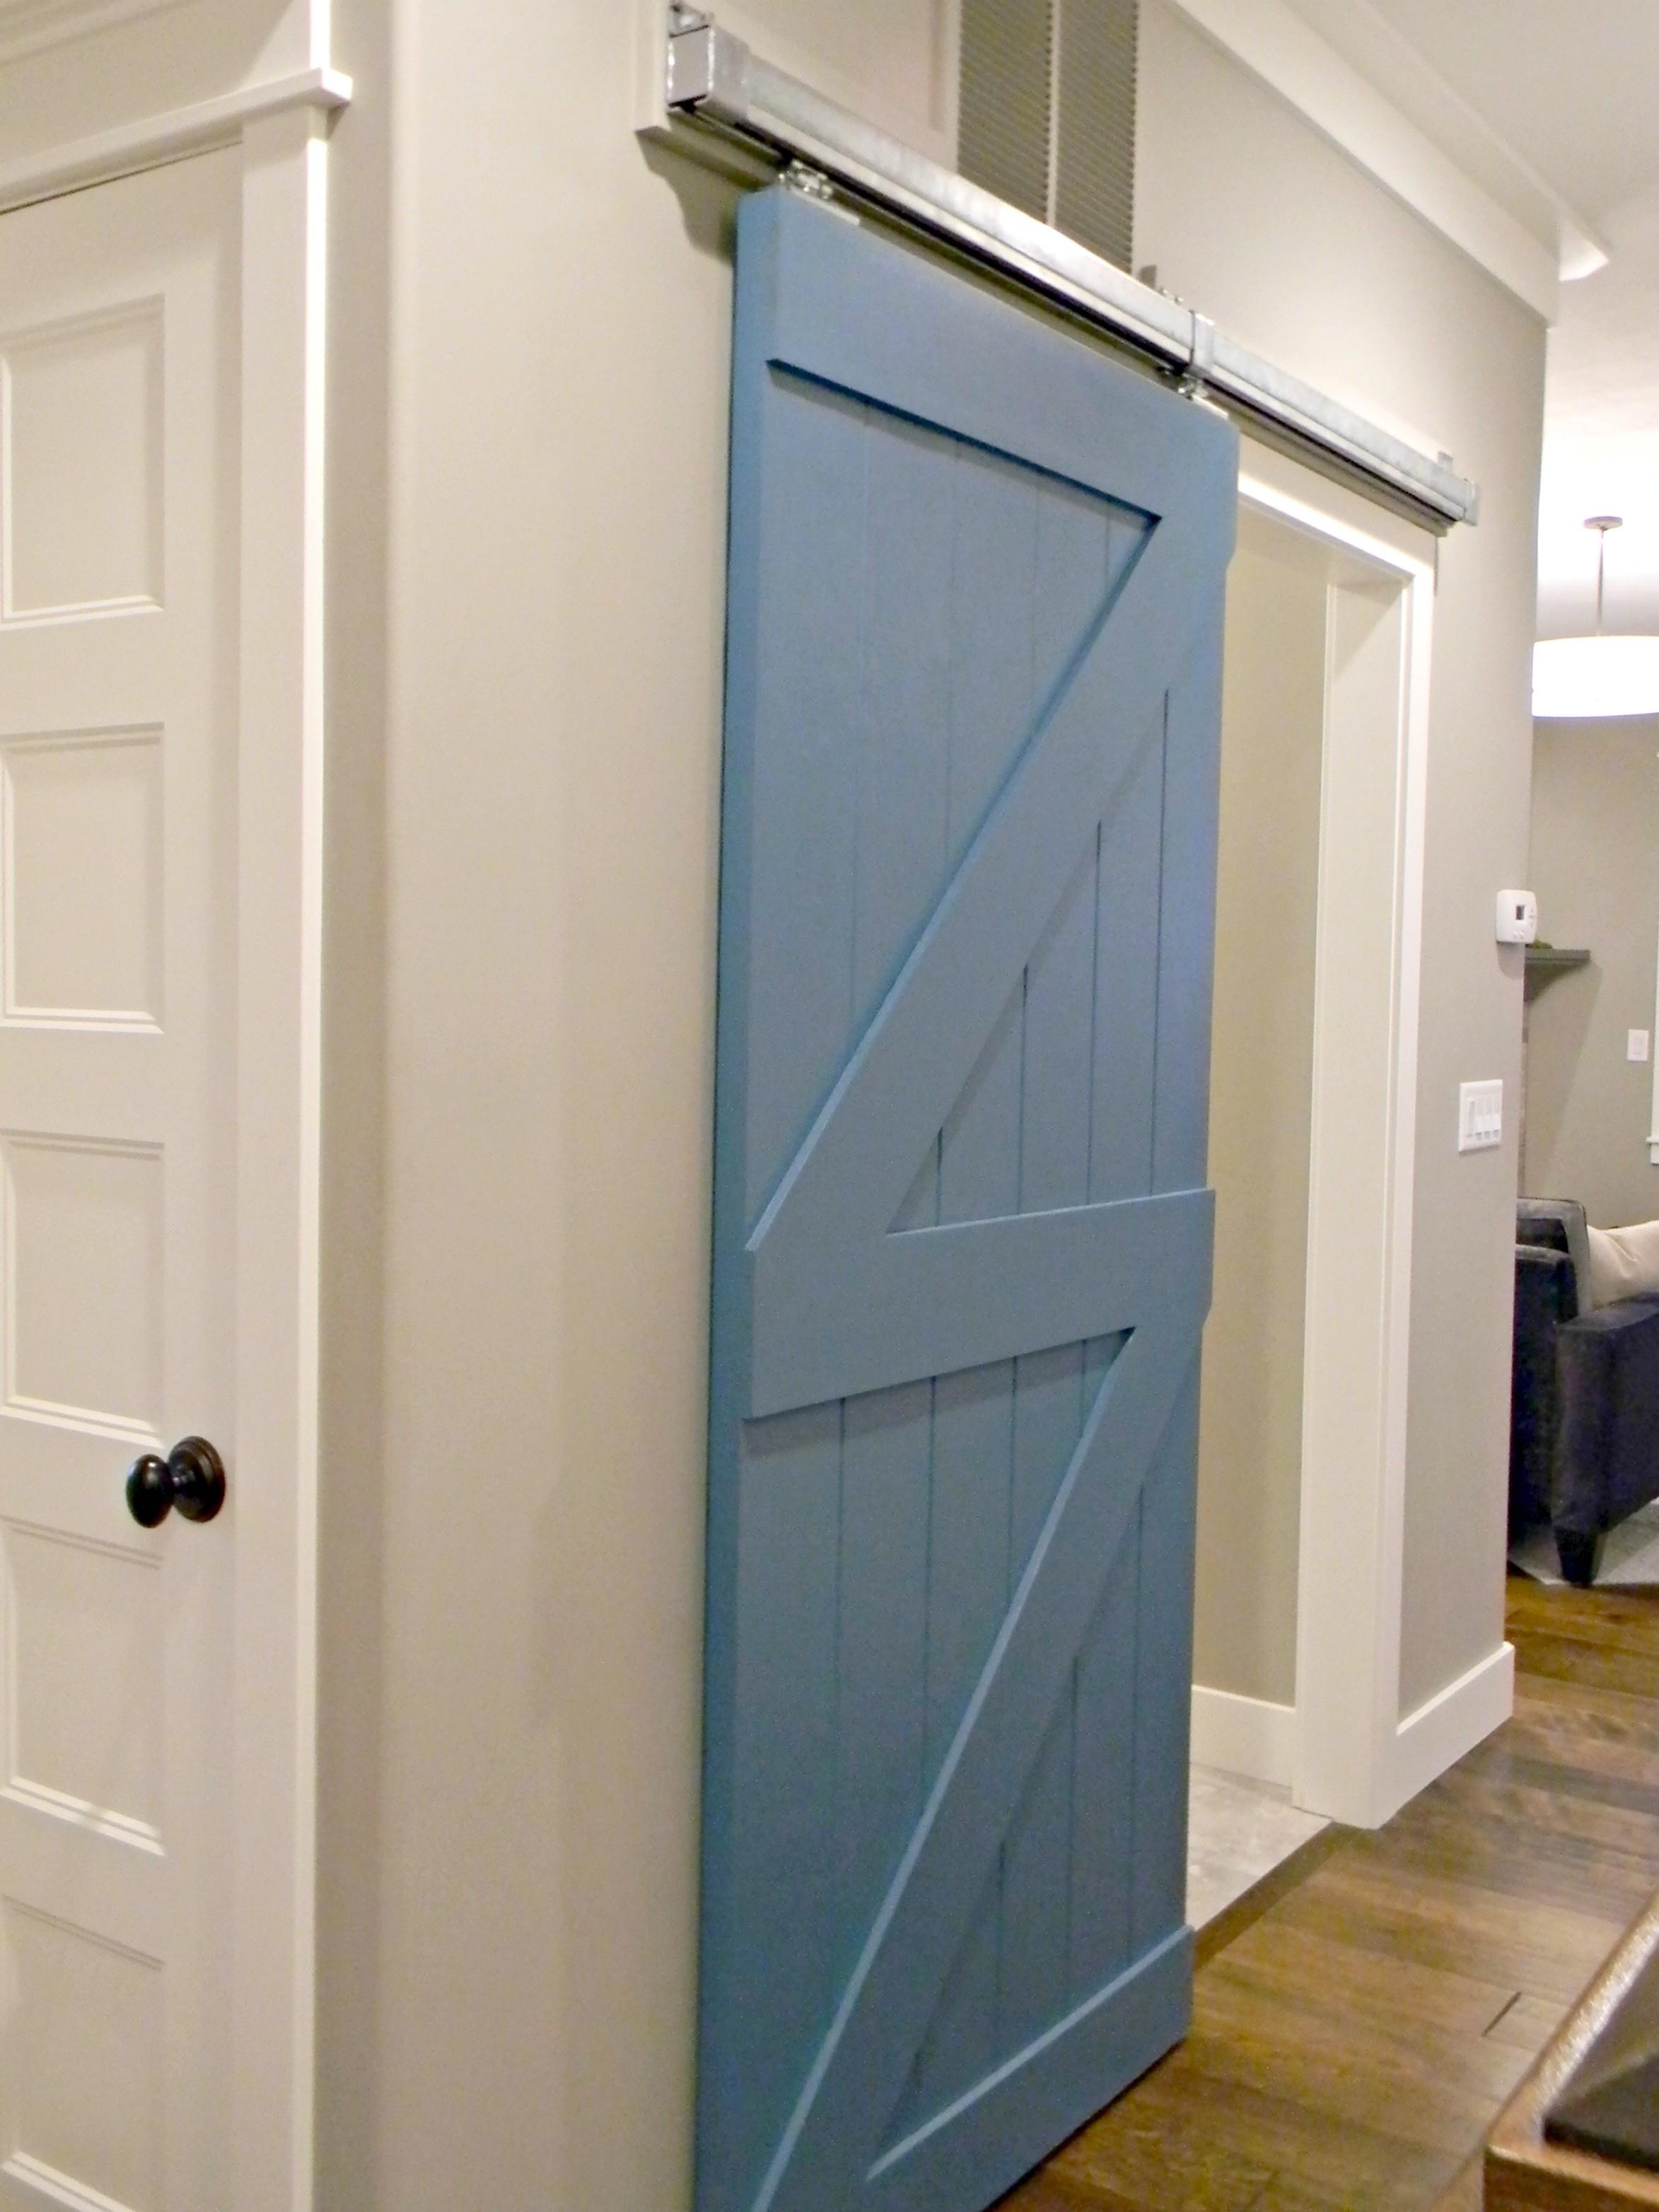 Sliding barn doors inside house